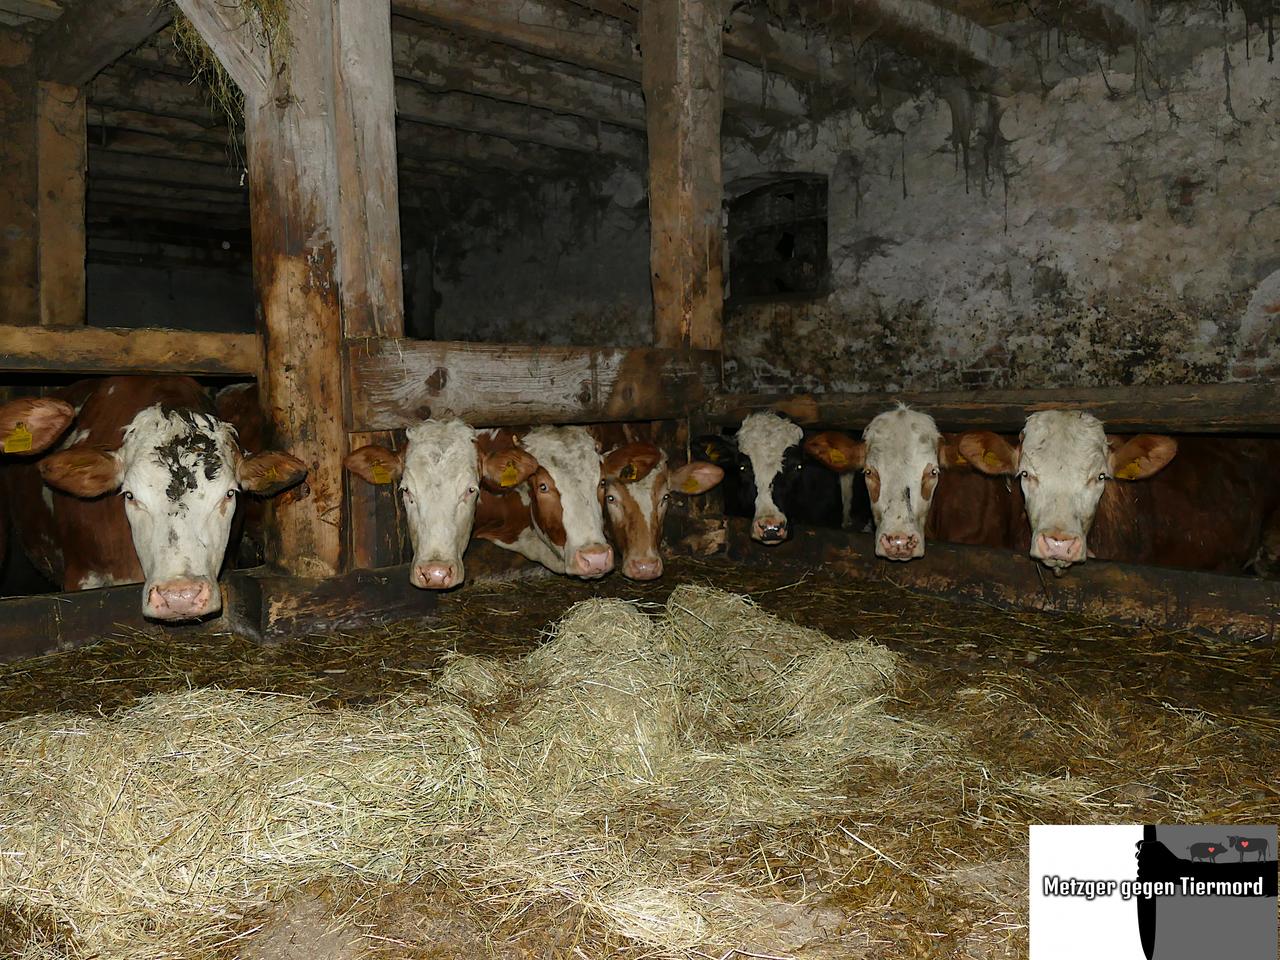 20-03-10 Rinder an Futtertisch - Nebenhof -_ergebnis